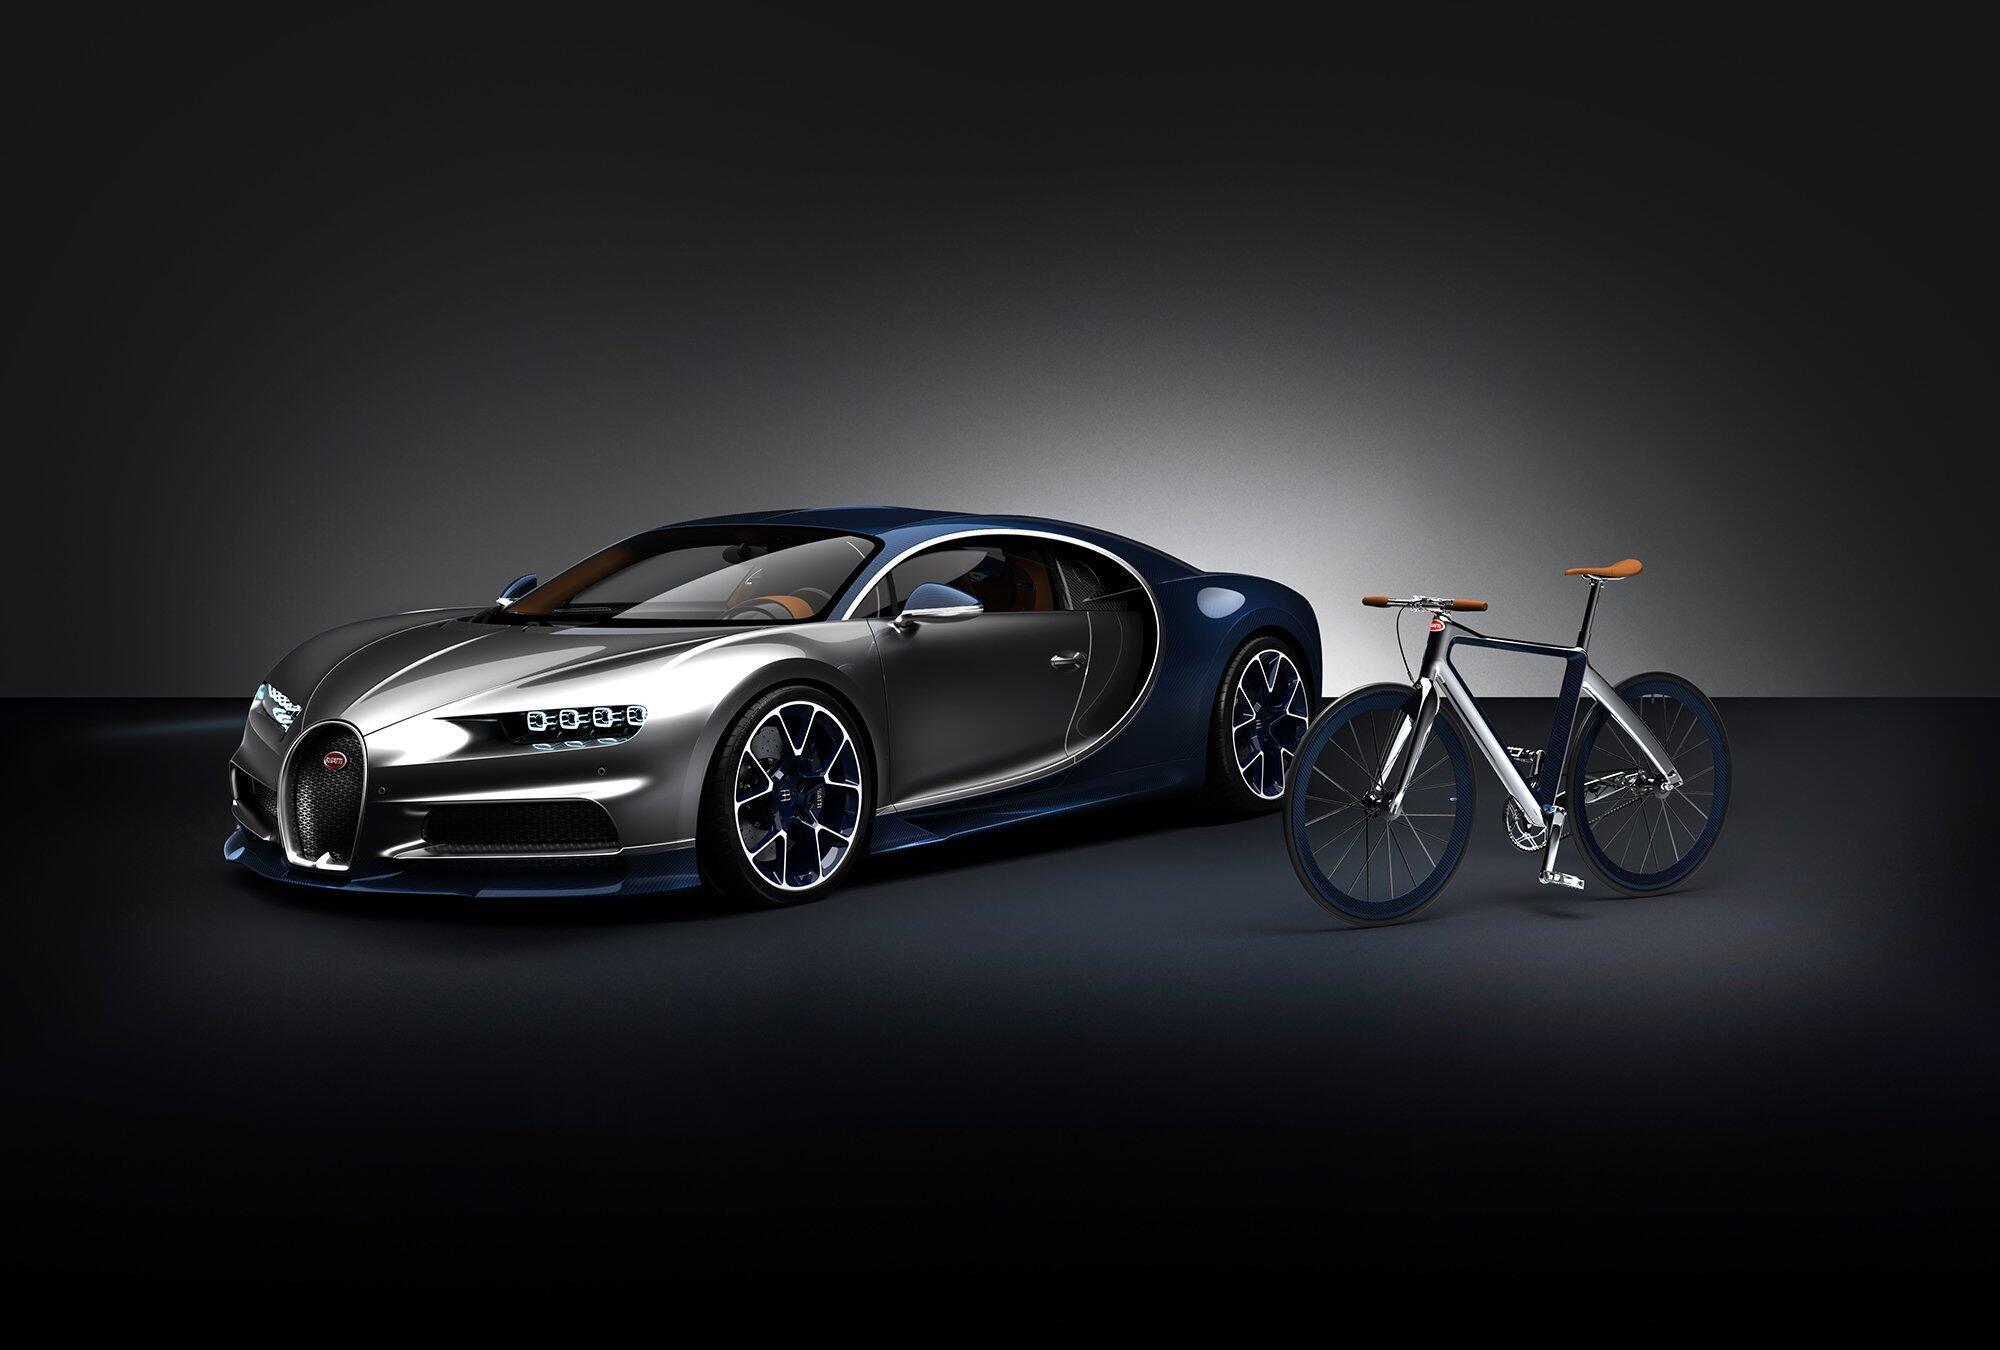 Süper markaların bisikletleri! 4 tekeri 3 milyon dolar, 2 tekeri 39 bin dolar